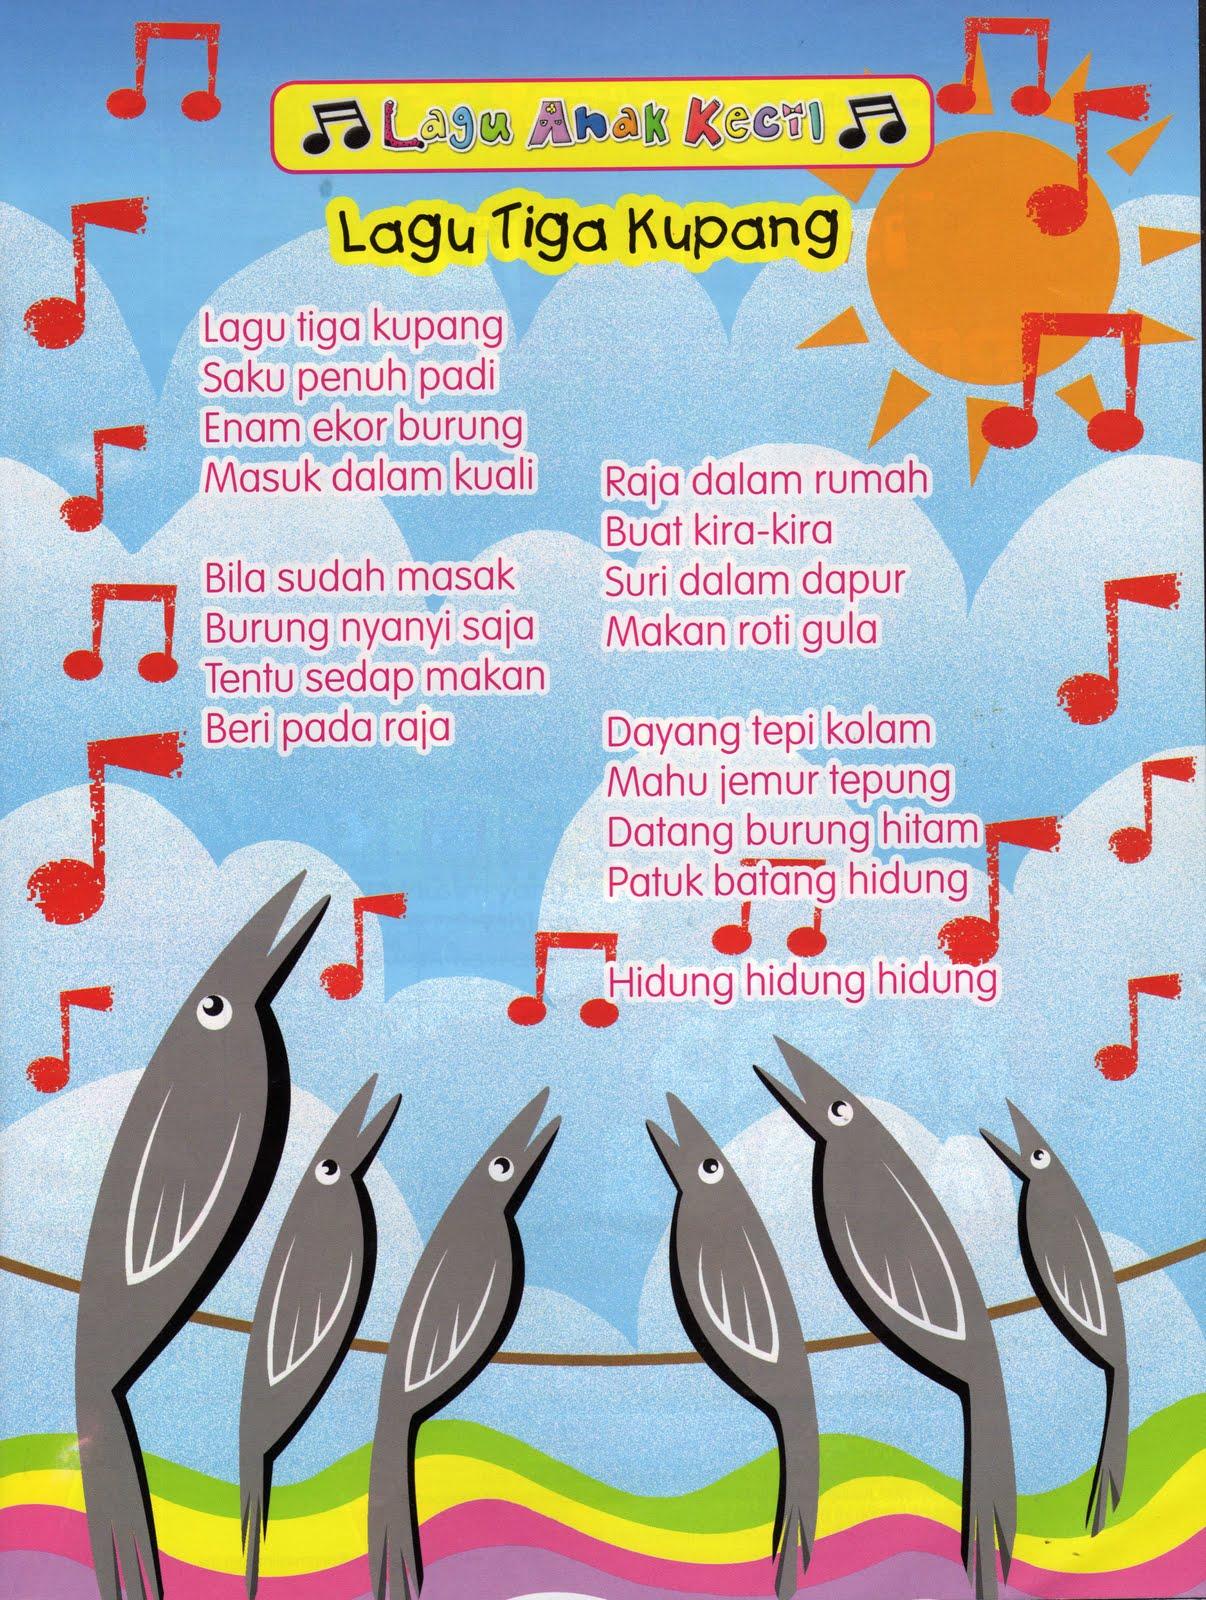 Lagu Tiga Kupang